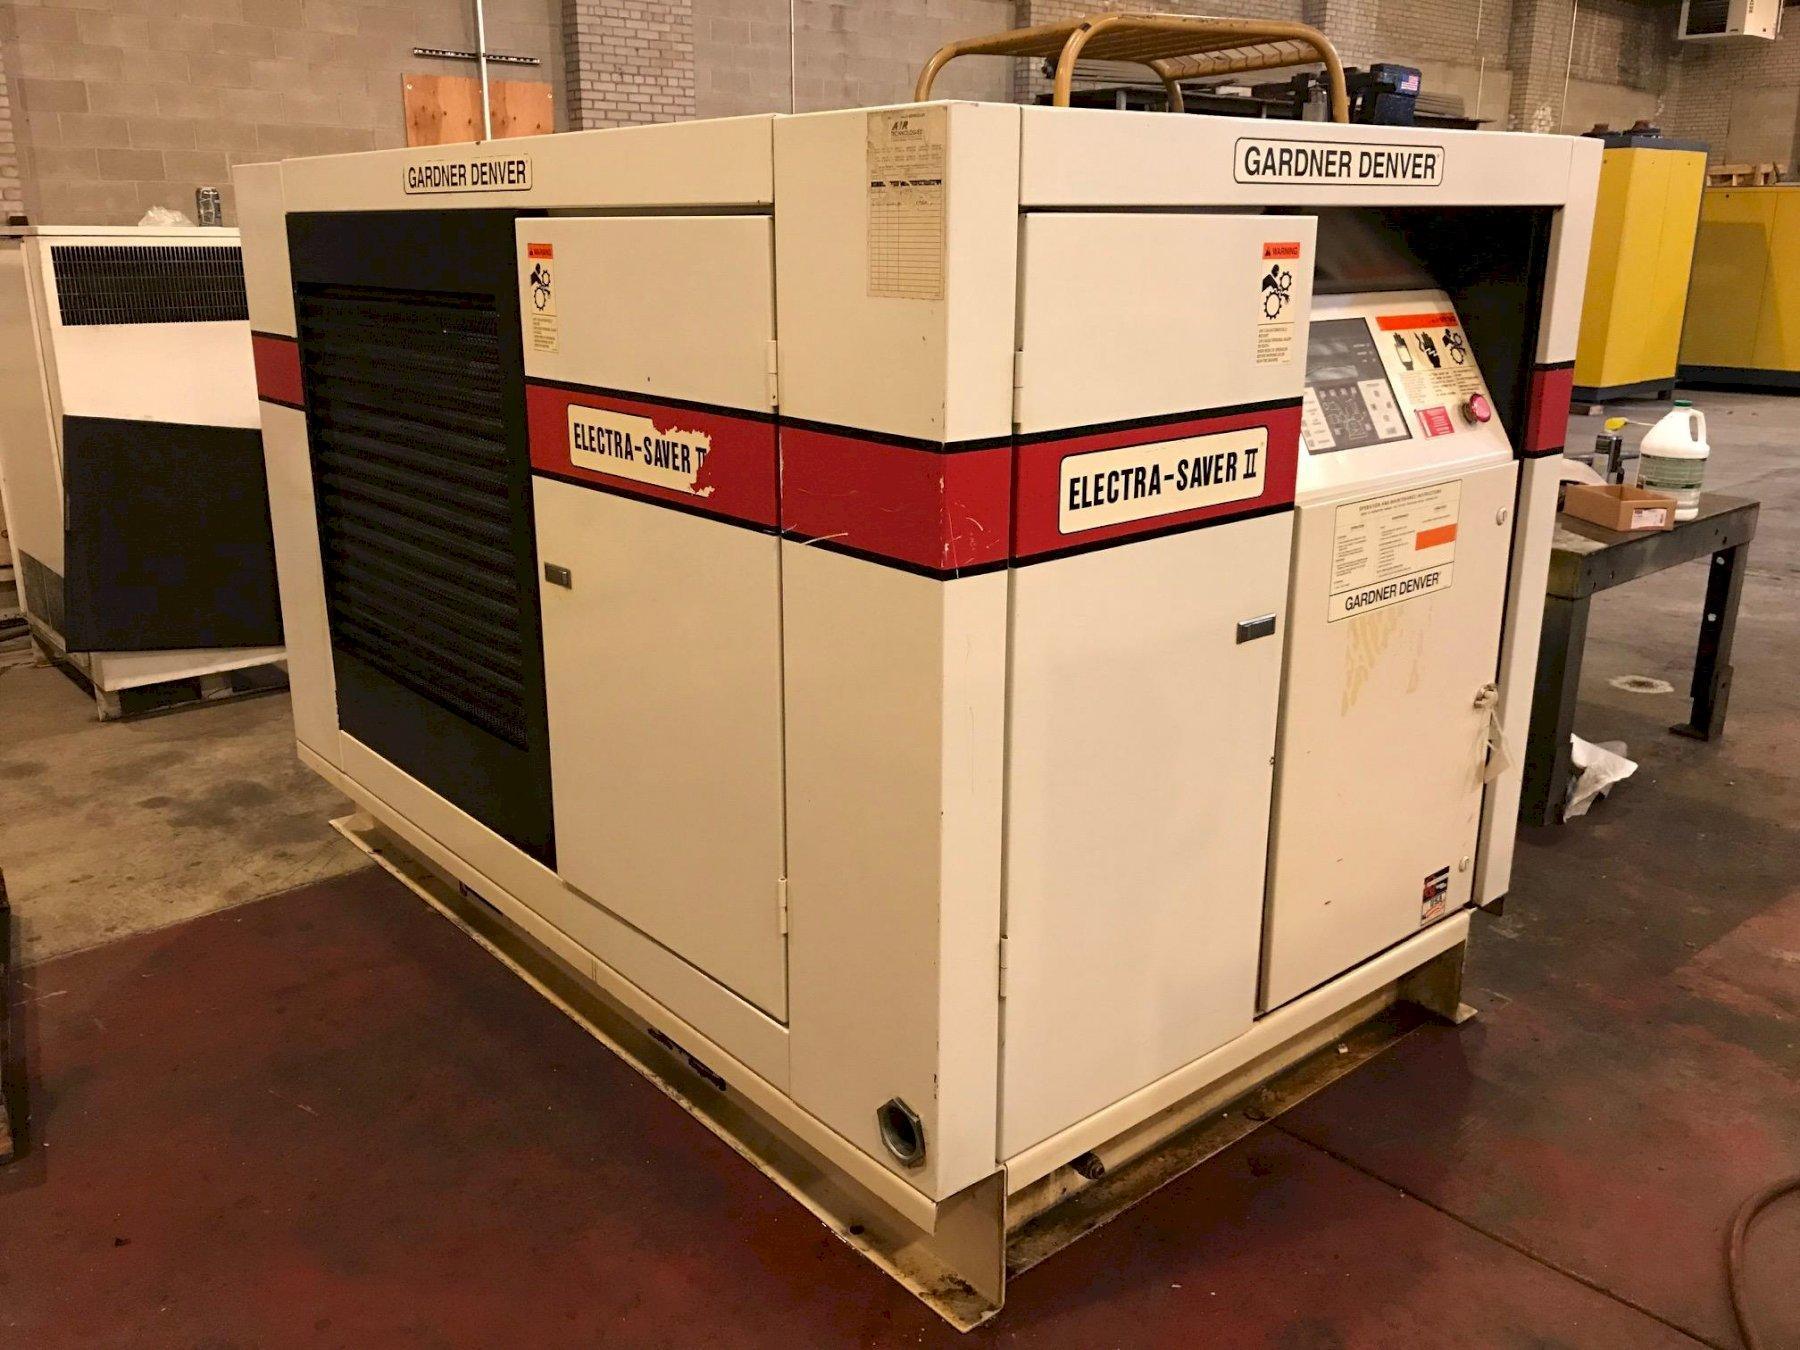 75 HP GARDNER DENVER MODEL EBM99F29 ROTARY SCREW AIR COMPRESSOR